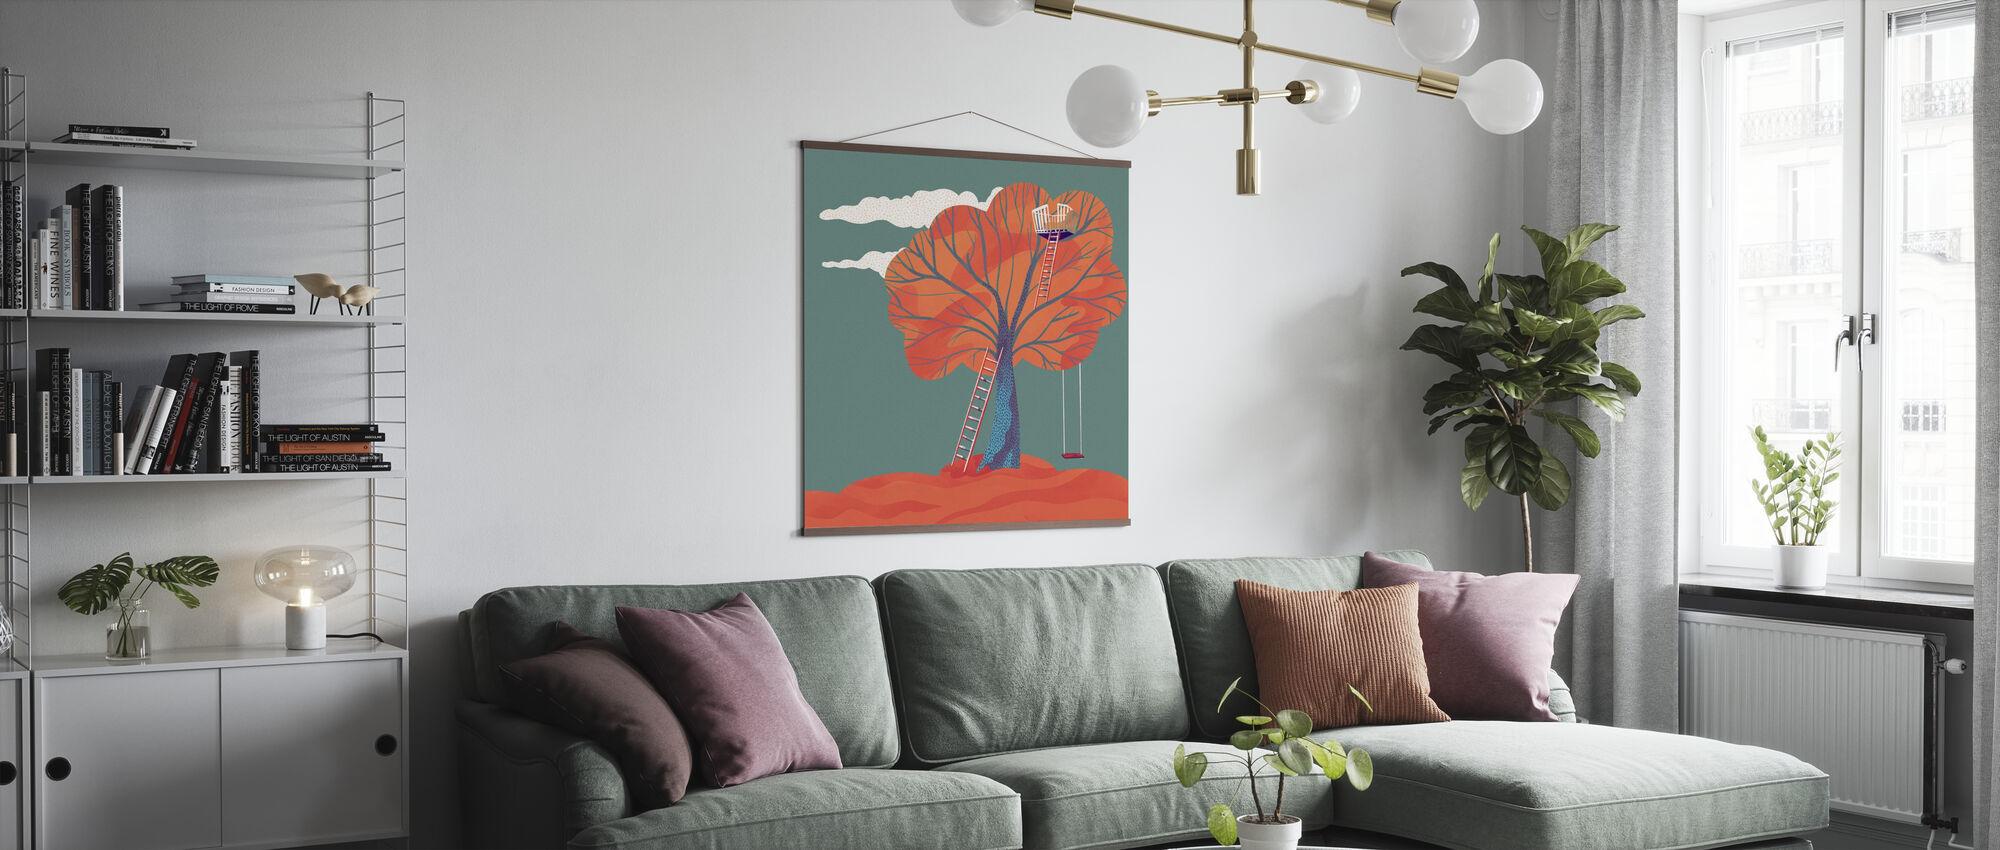 Herbst Baumhaus dunkel - Poster - Wohnzimmer